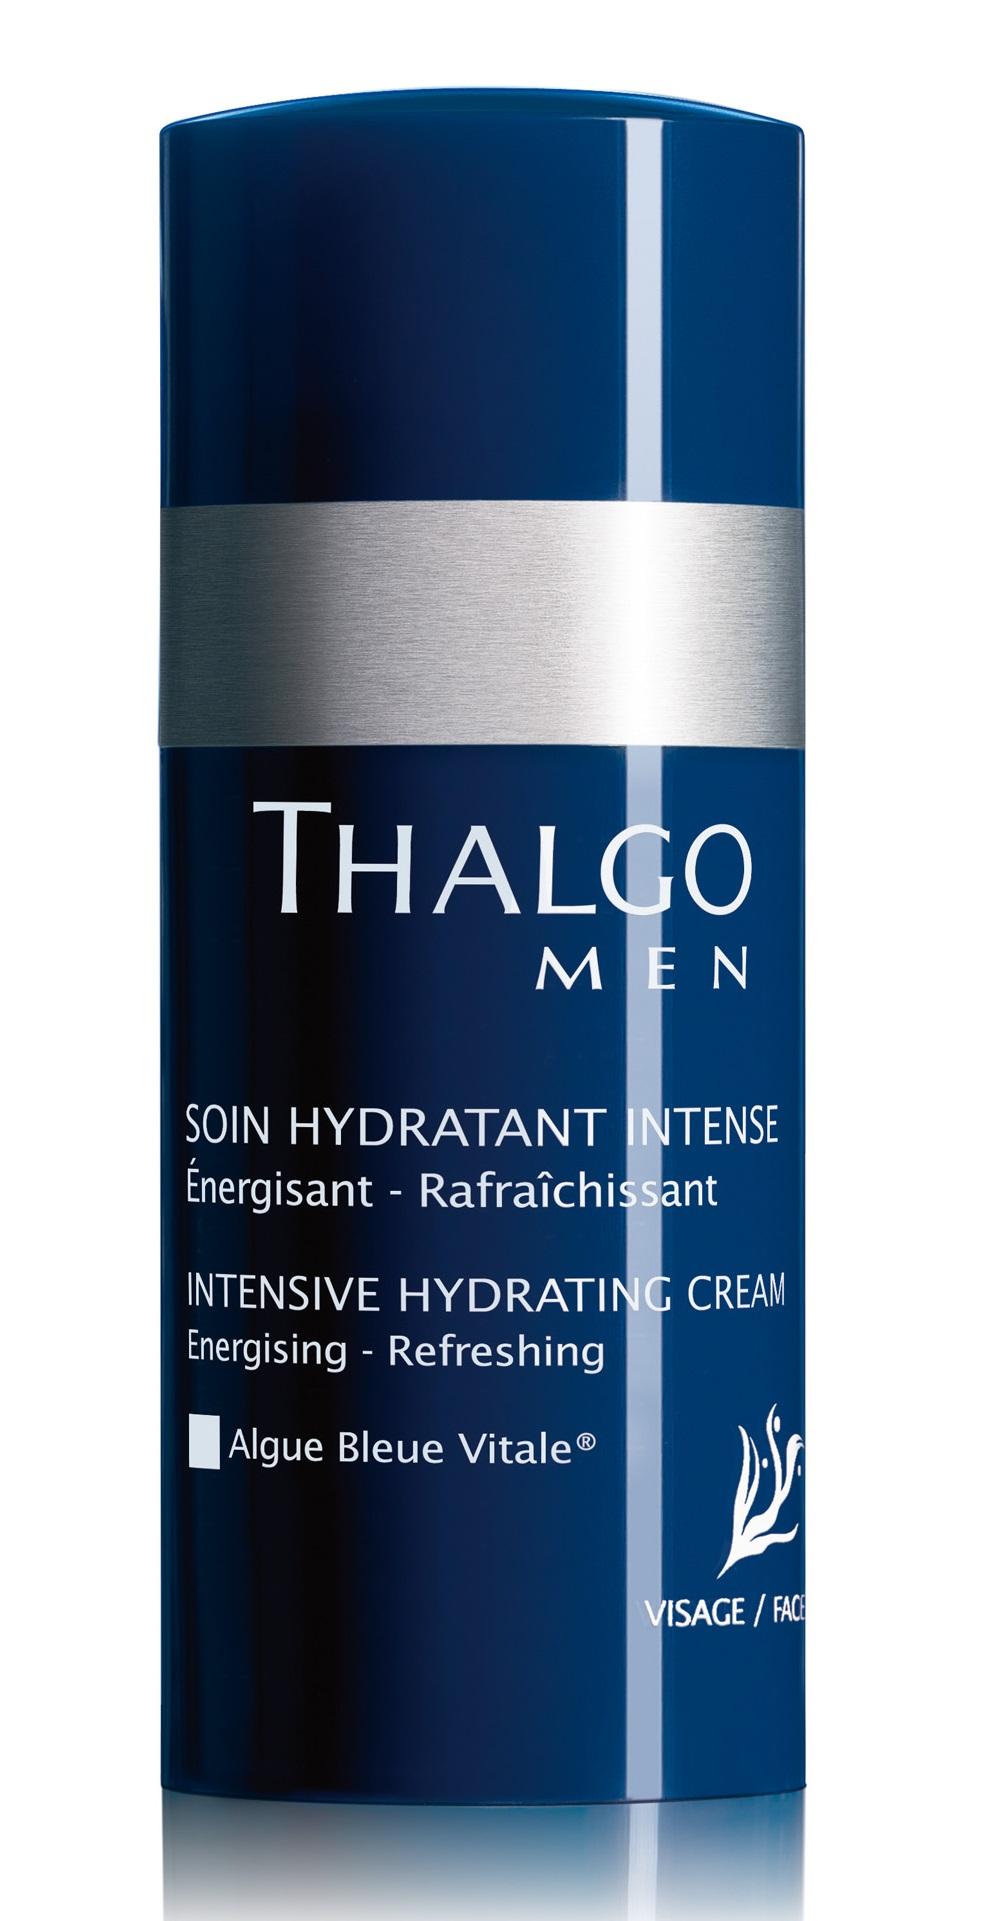 Купить Thalgo Интенсивный увлажняющий крем для лица, 50 мл (Thalgo, Thalgomen)